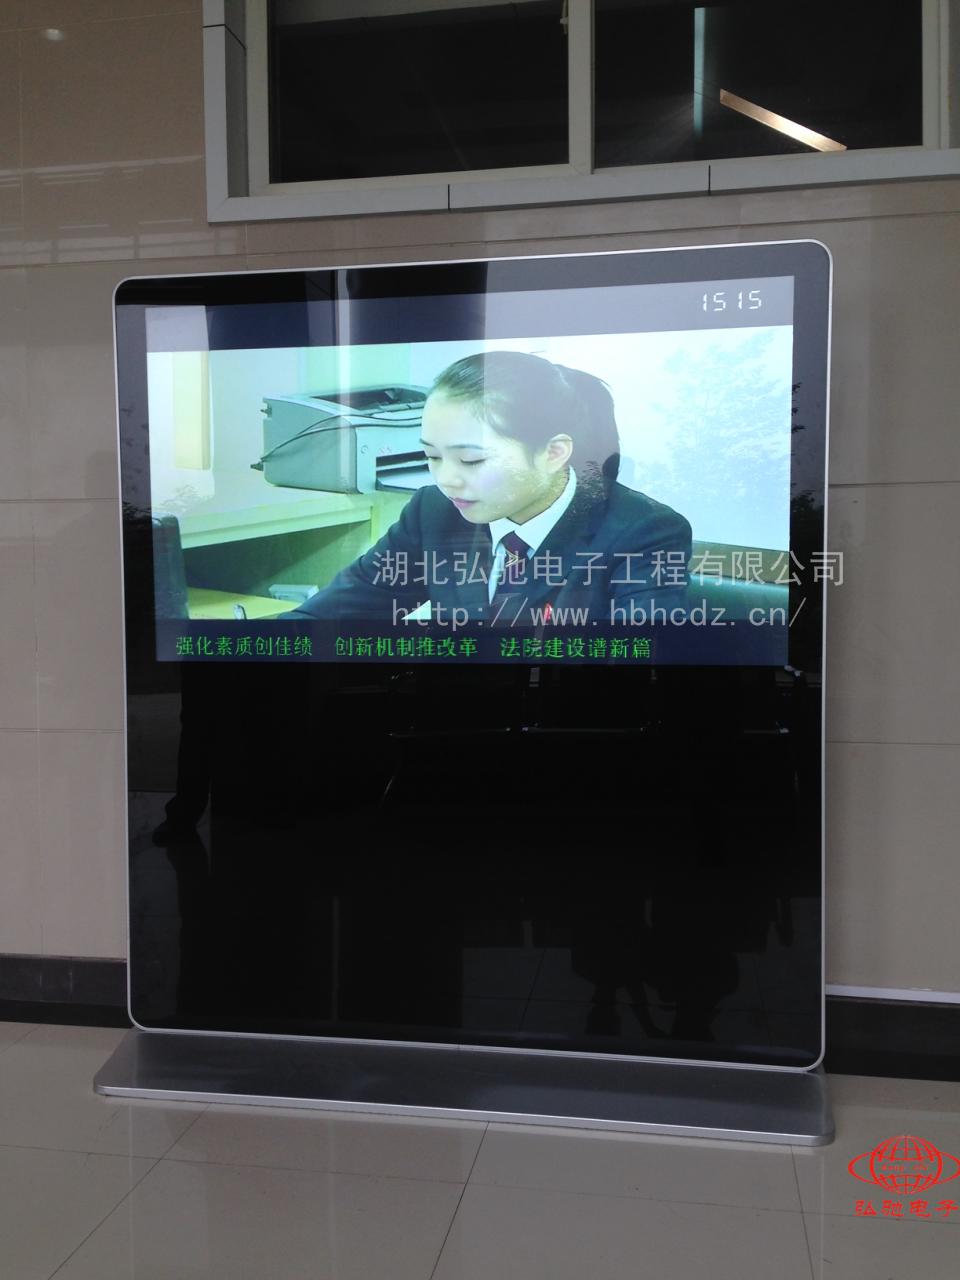 立式广告机-云梦法院